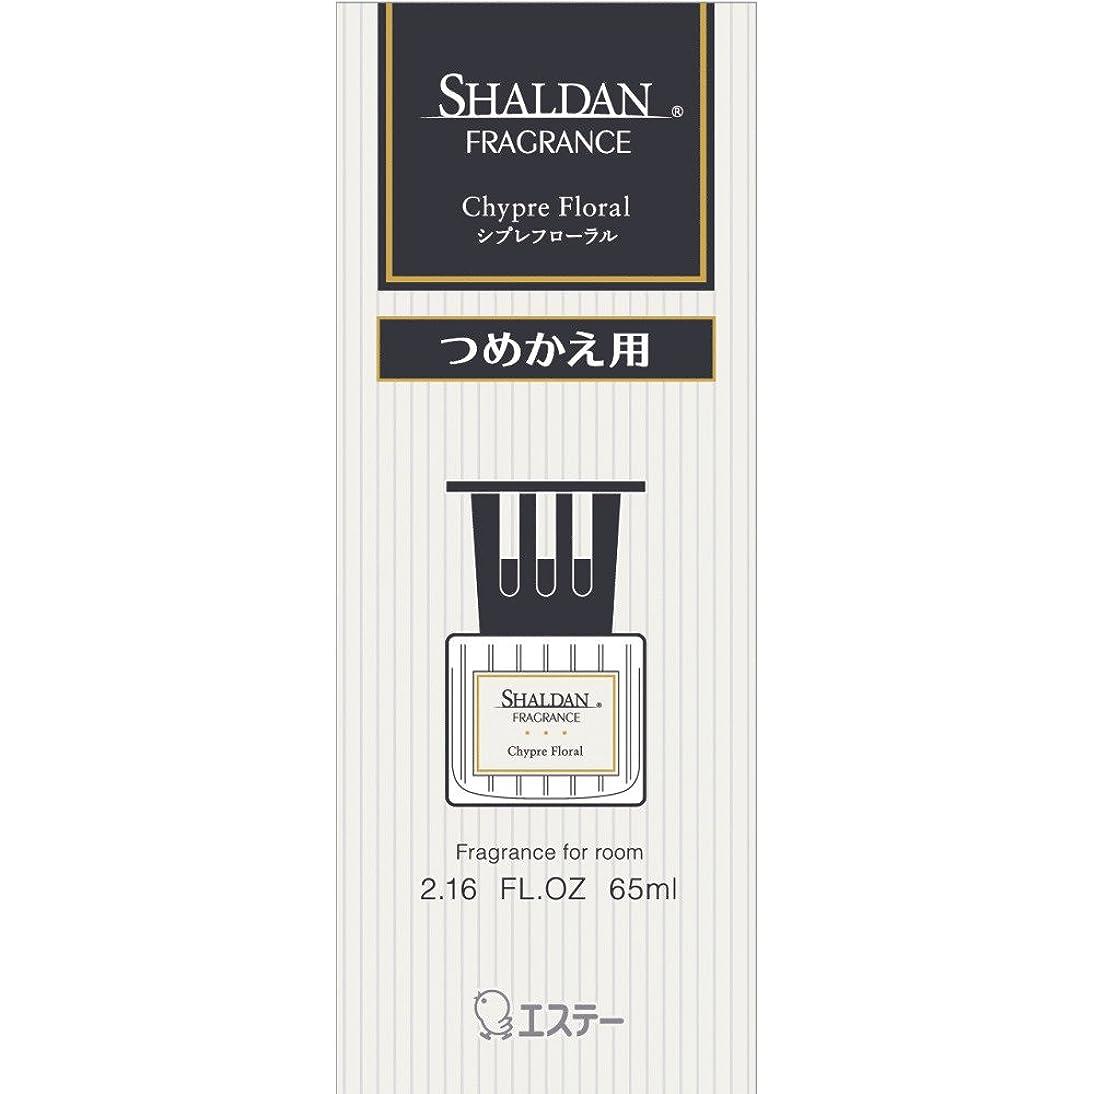 ロッジご近所ローンシャルダン SHALDAN フレグランス 消臭芳香剤 部屋用 つめかえ シプレフローラル 65ml